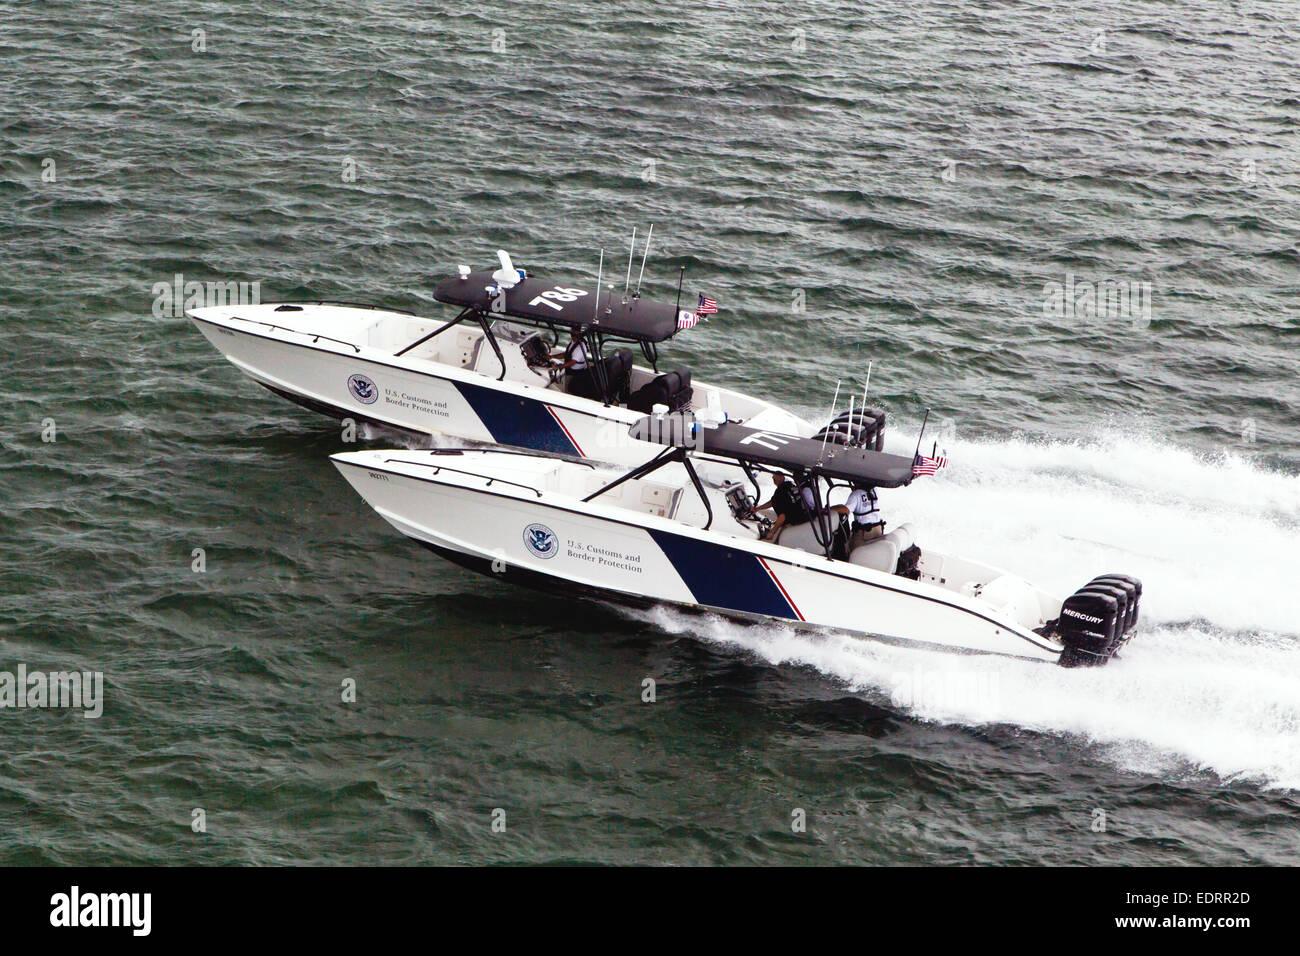 L'US Customs and Border Protection, l'exploitation d'une unité marine 1200CH 39' Bateau Express Photo Stock